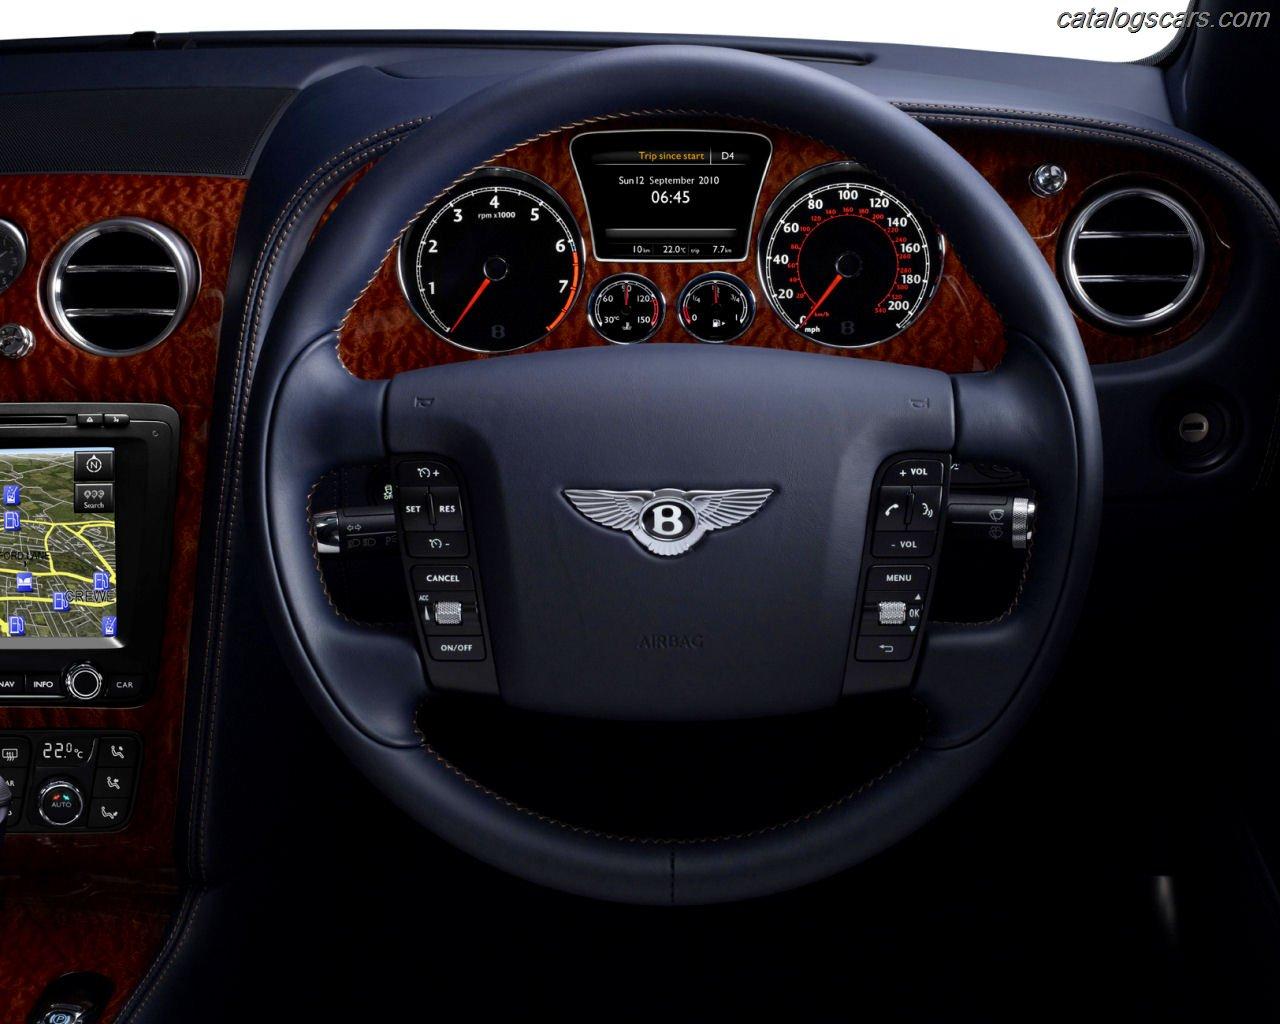 صور سيارة بنتلى كونتيننتال سيريس 51 2012 - اجمل خلفيات صور عربية بنتلى كونتيننتال سيريس 51 2012 - Bentley Continental Series 51 Photos Bentley-Continental-Series-51-2011-09.jpg